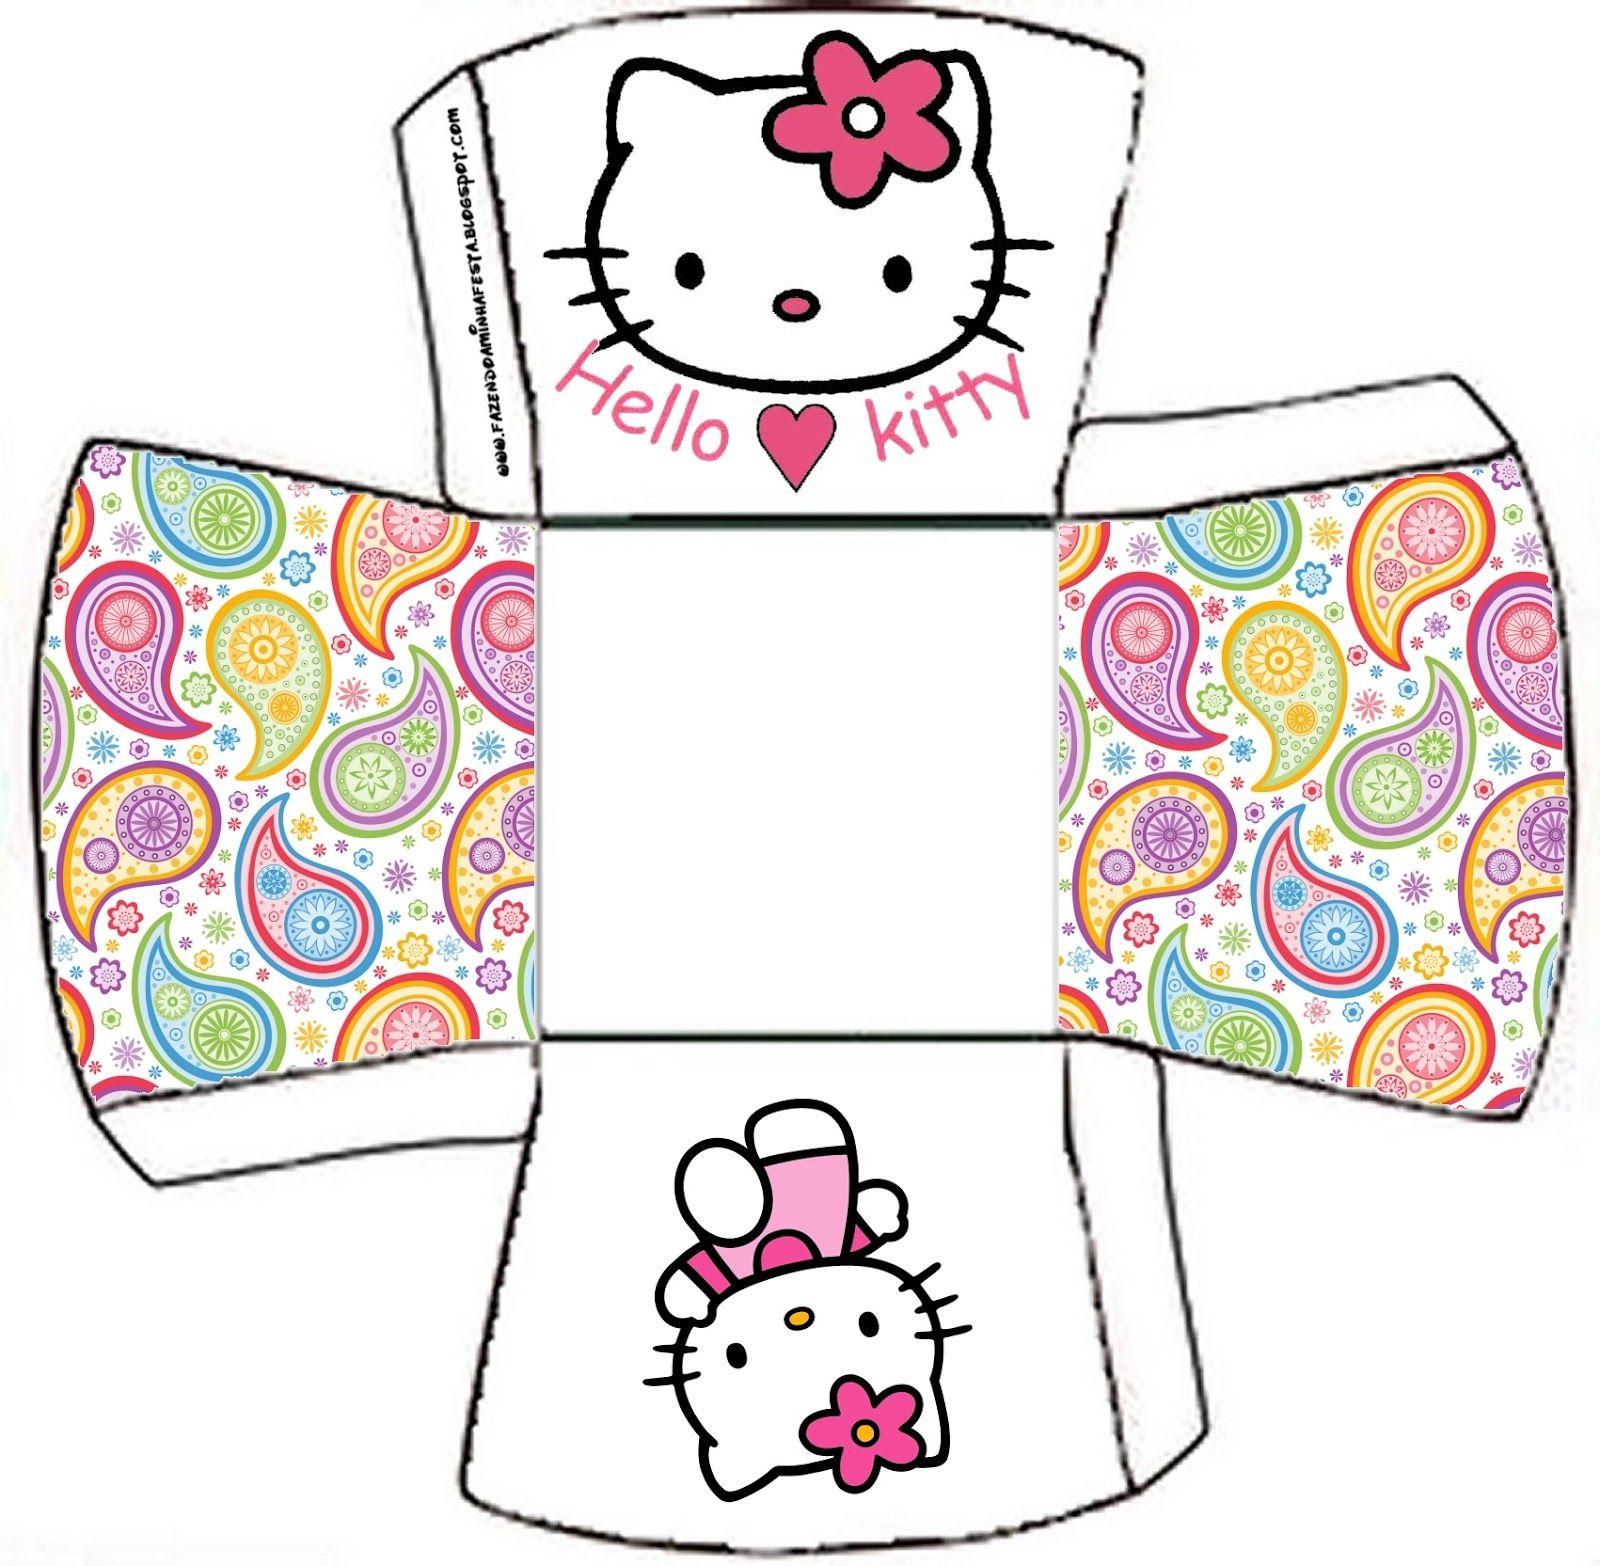 Hello kitty free printable boxes hello kitty for Hello kitty mask template